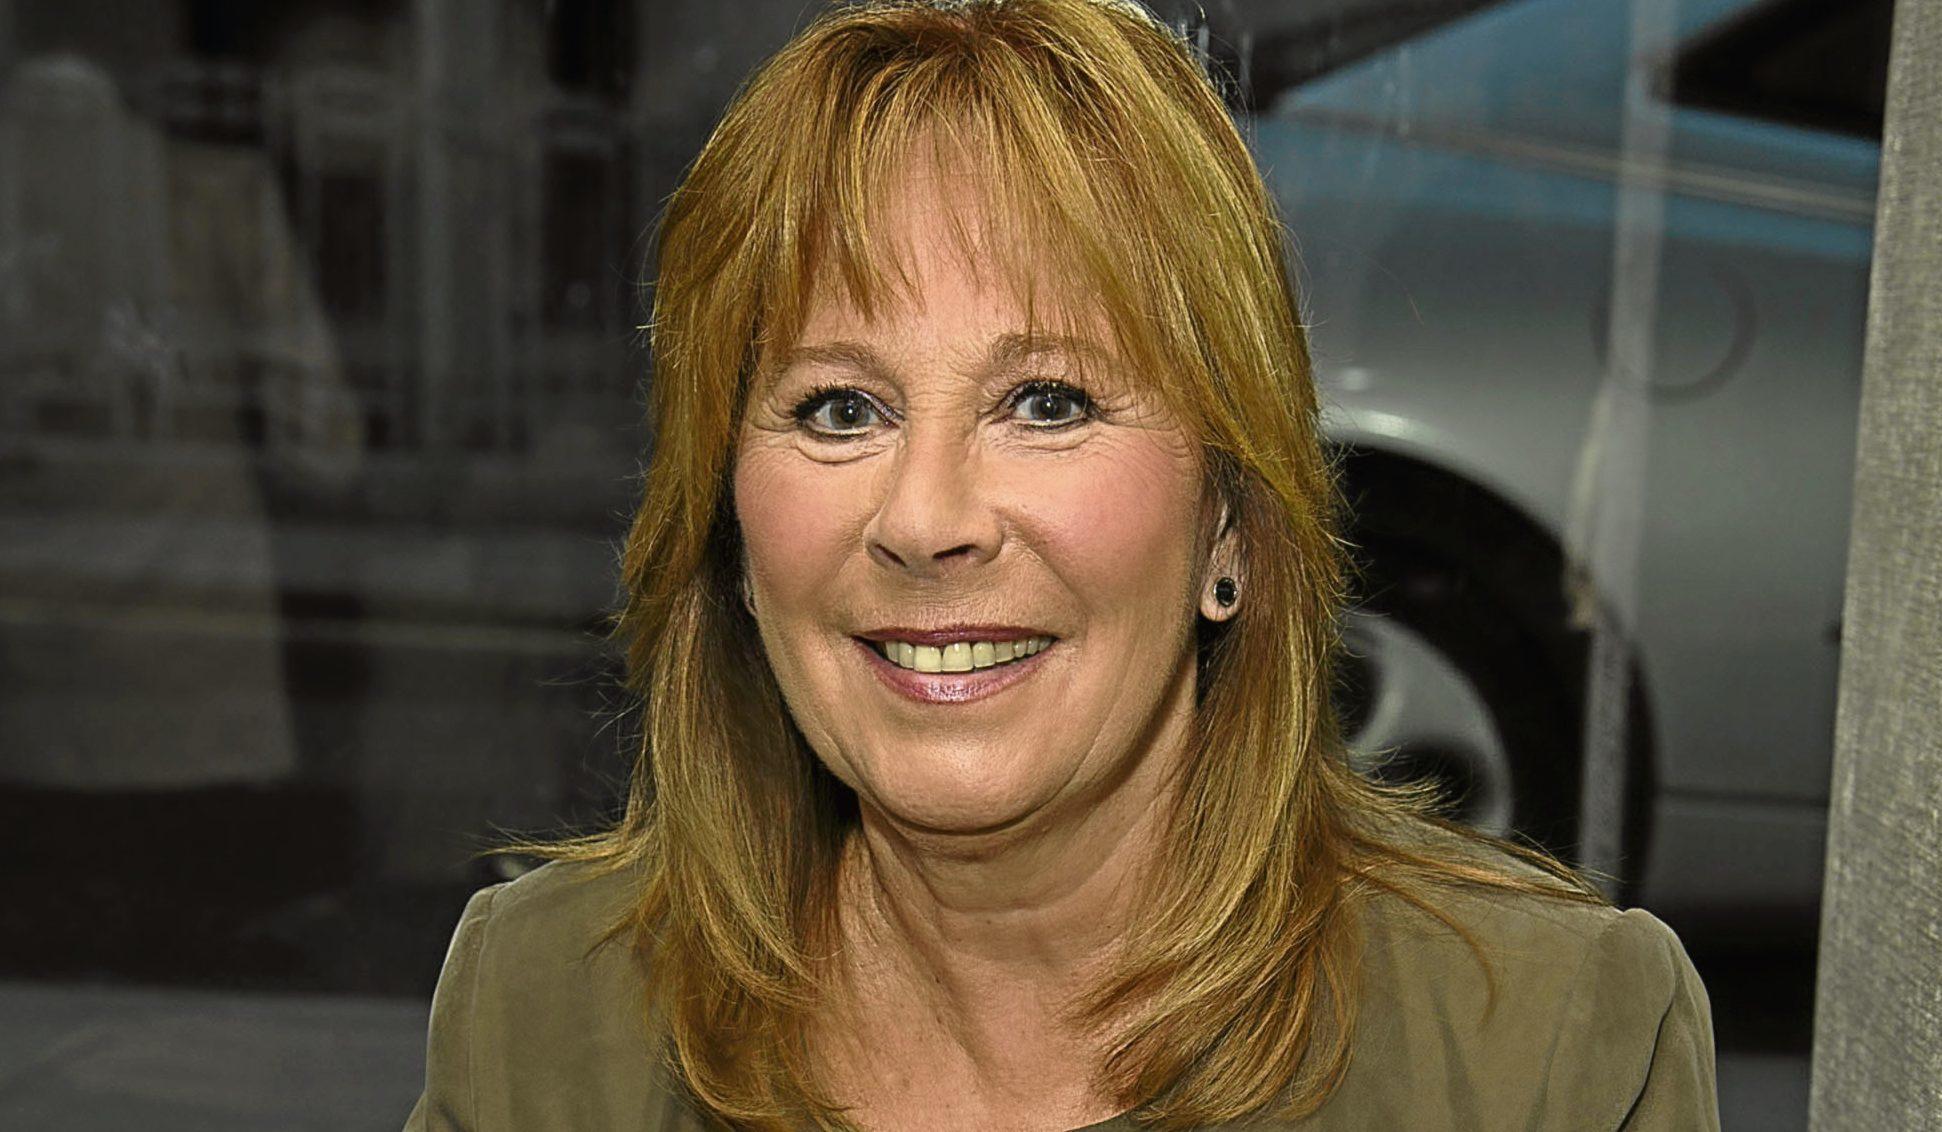 Marti Webb (Joanne Davidson/Silverhub/REX/Shutterstock)